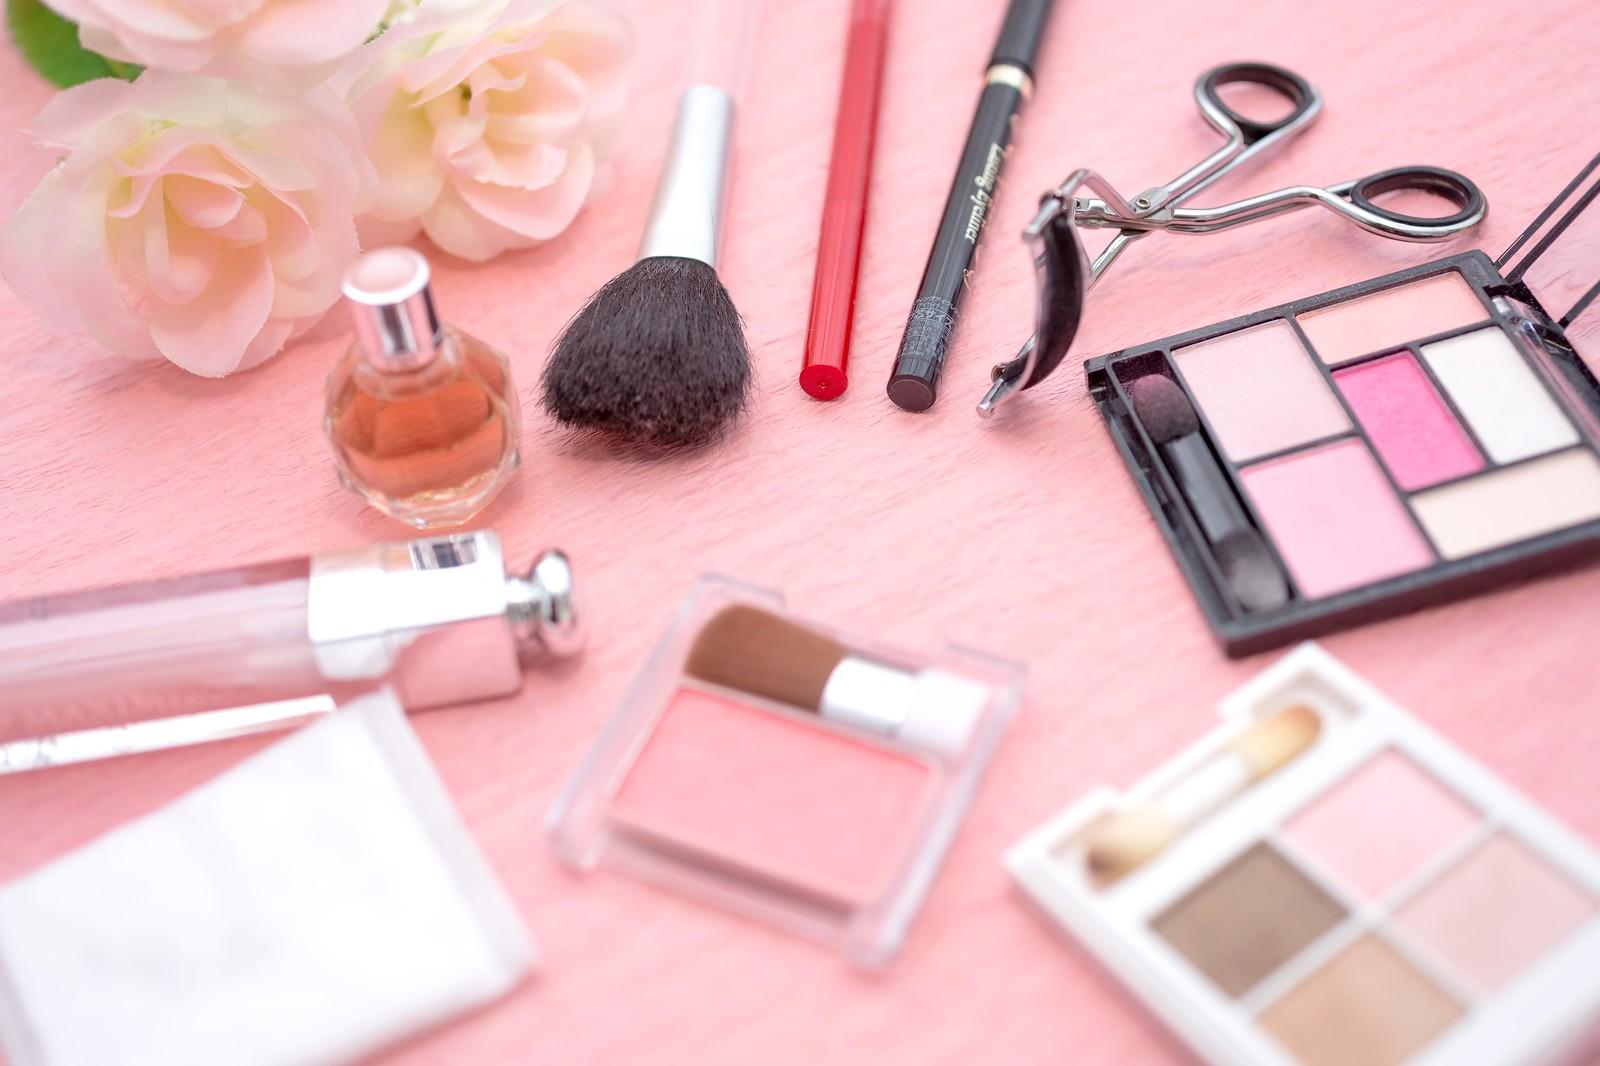 2016年の年間美容費を初めて計算してみました 多分少ない方です